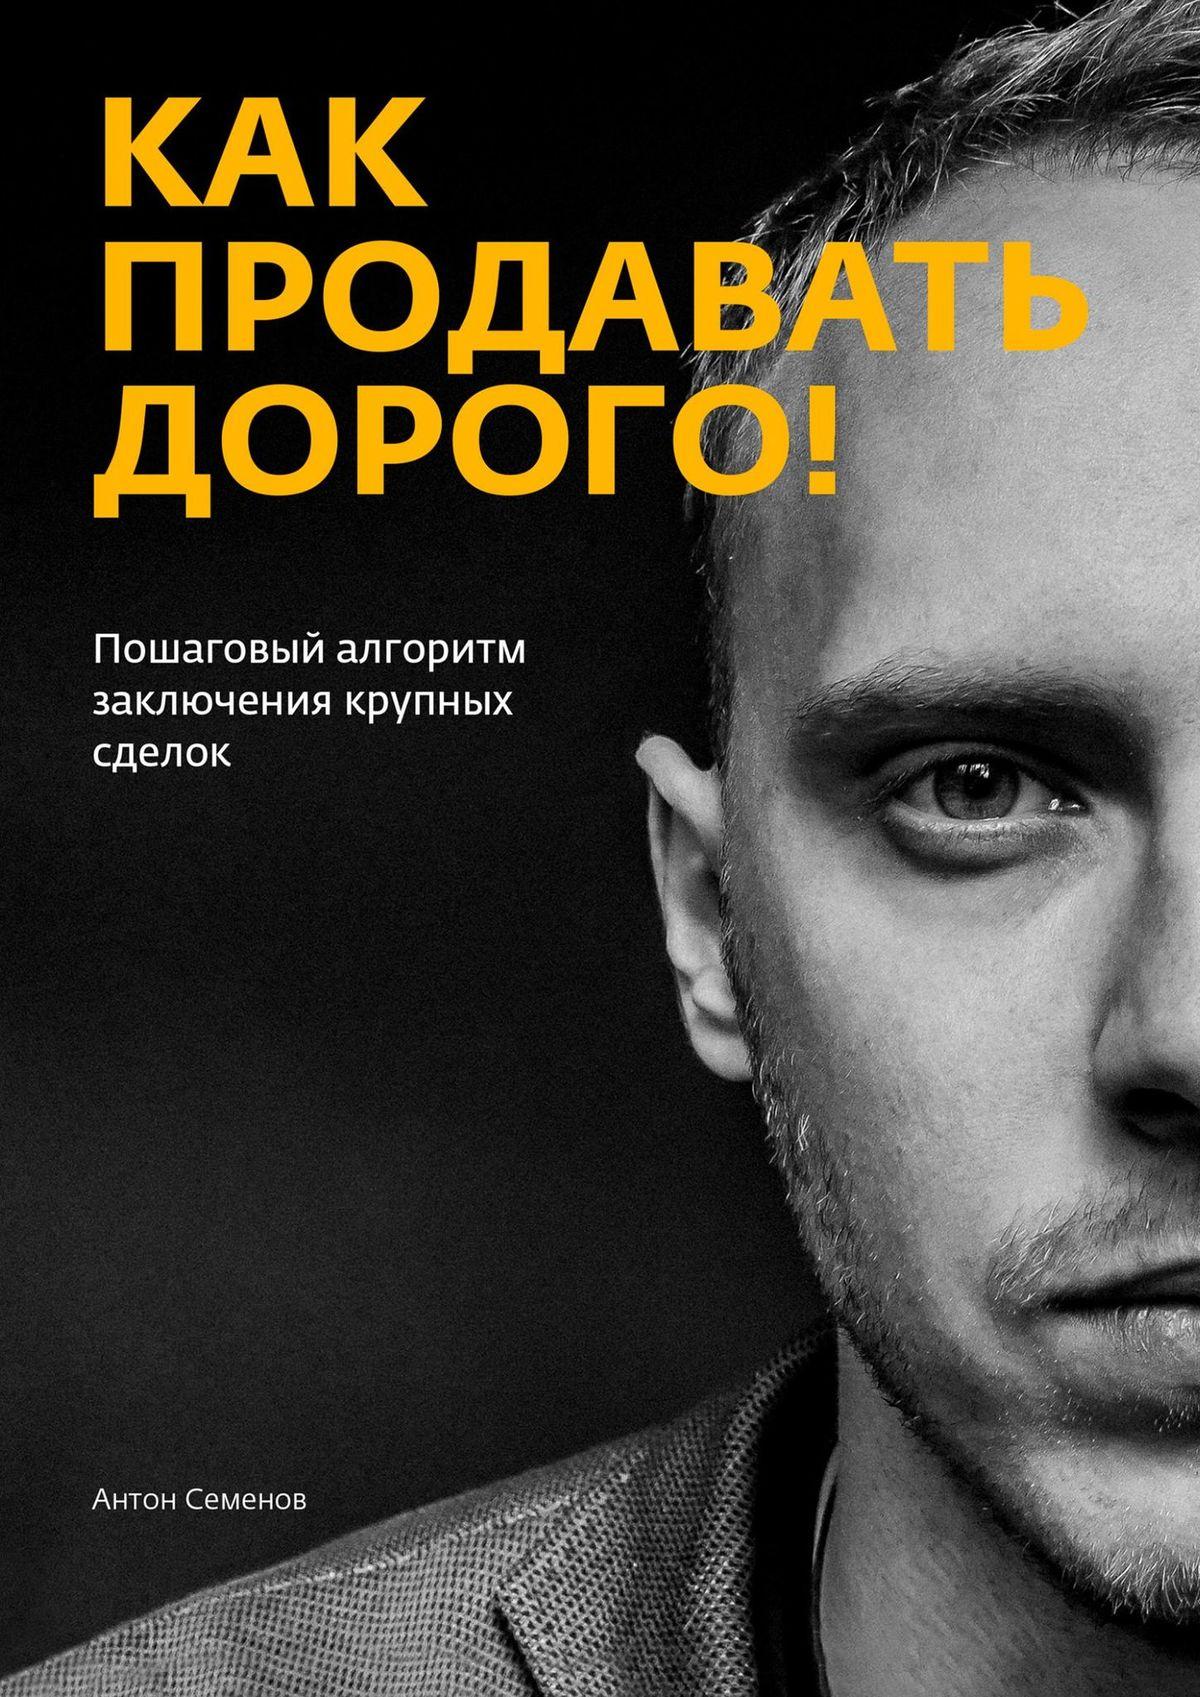 Антон Семенов Как продавать дорого! засухин дмитрий юридический маркетинг как построить личный бренд юристам и адвокатам